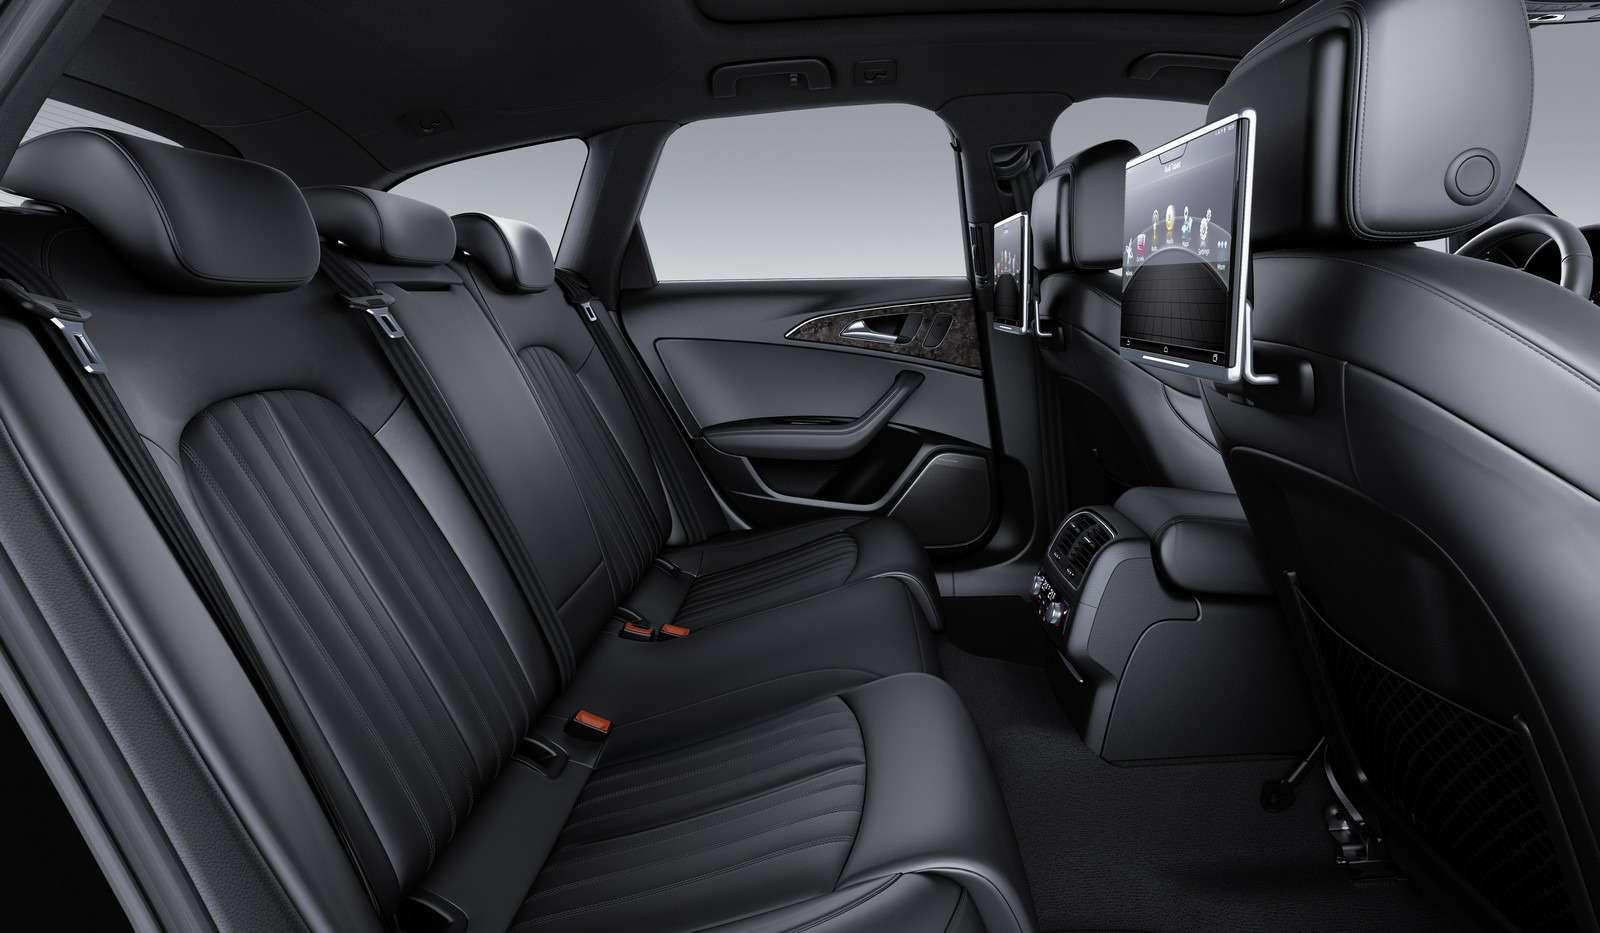 Обновленное семейство Audi A6/A7 хочет понравиться гаджетоманам— фото 579067